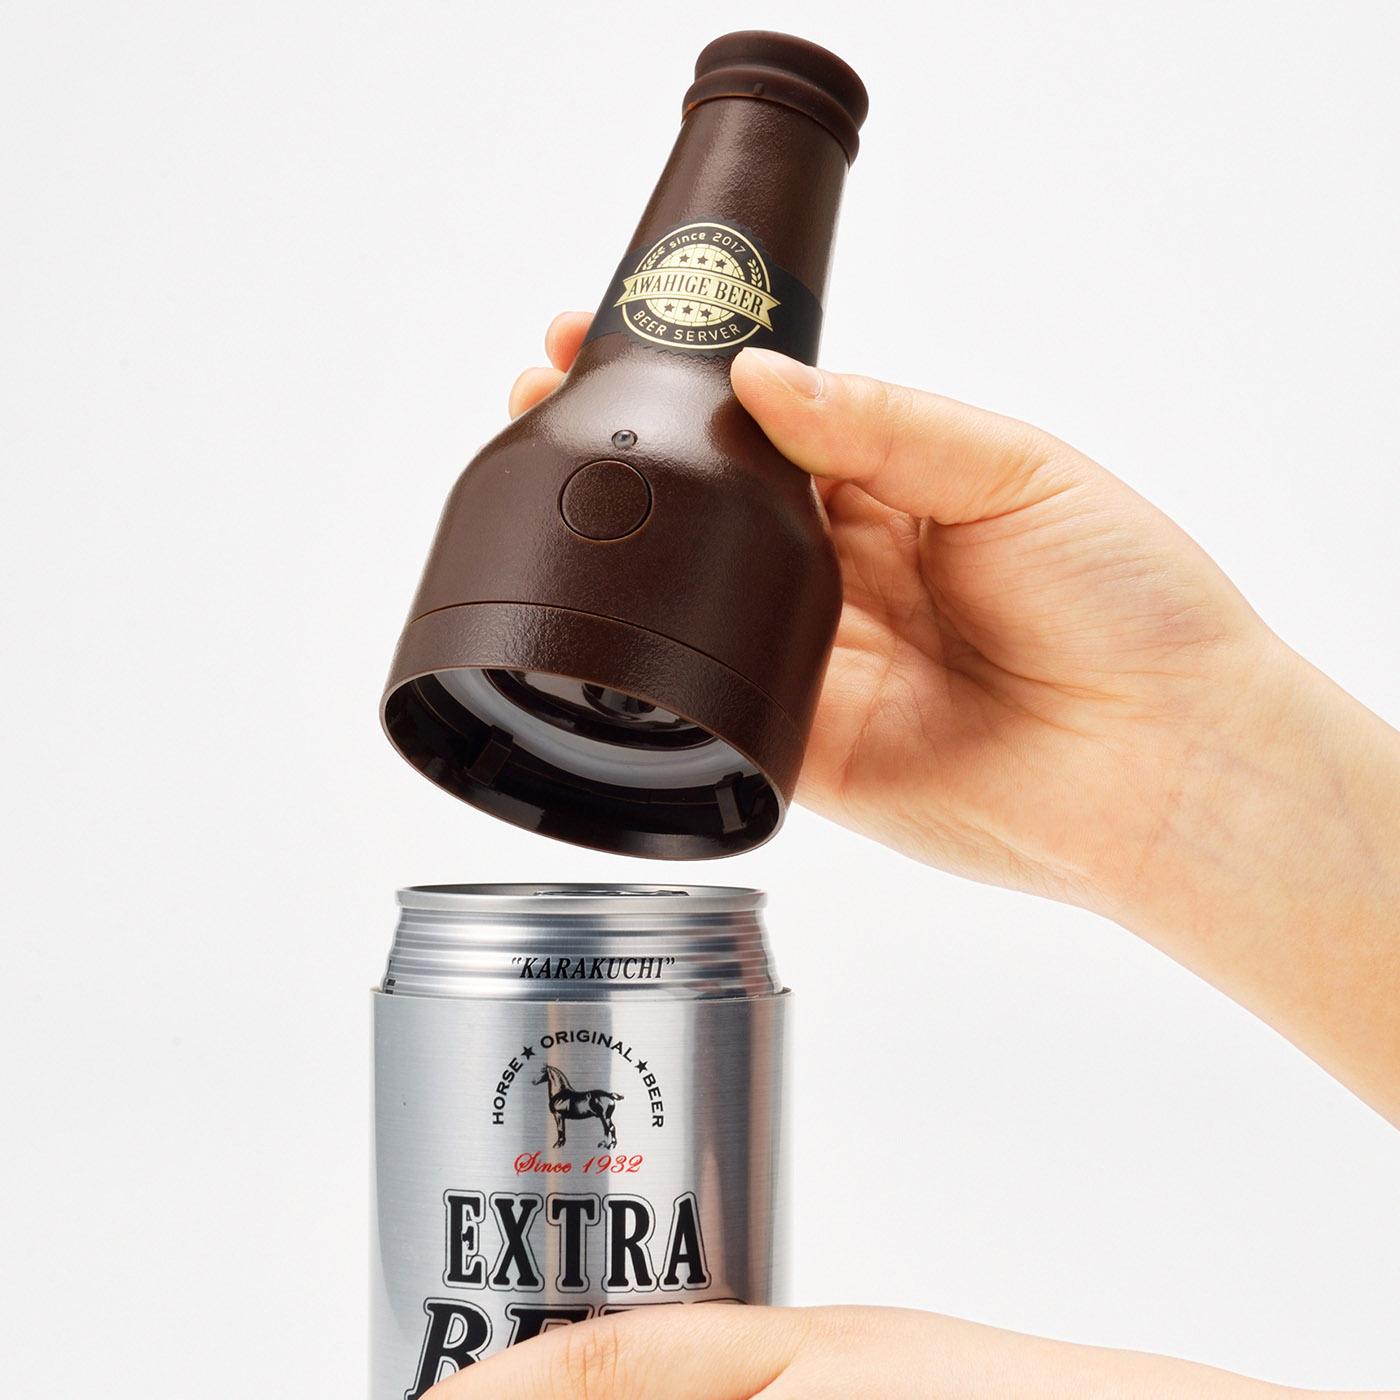 1 冷やした缶ビールを開けて、ビアサーバーを取り付けます。